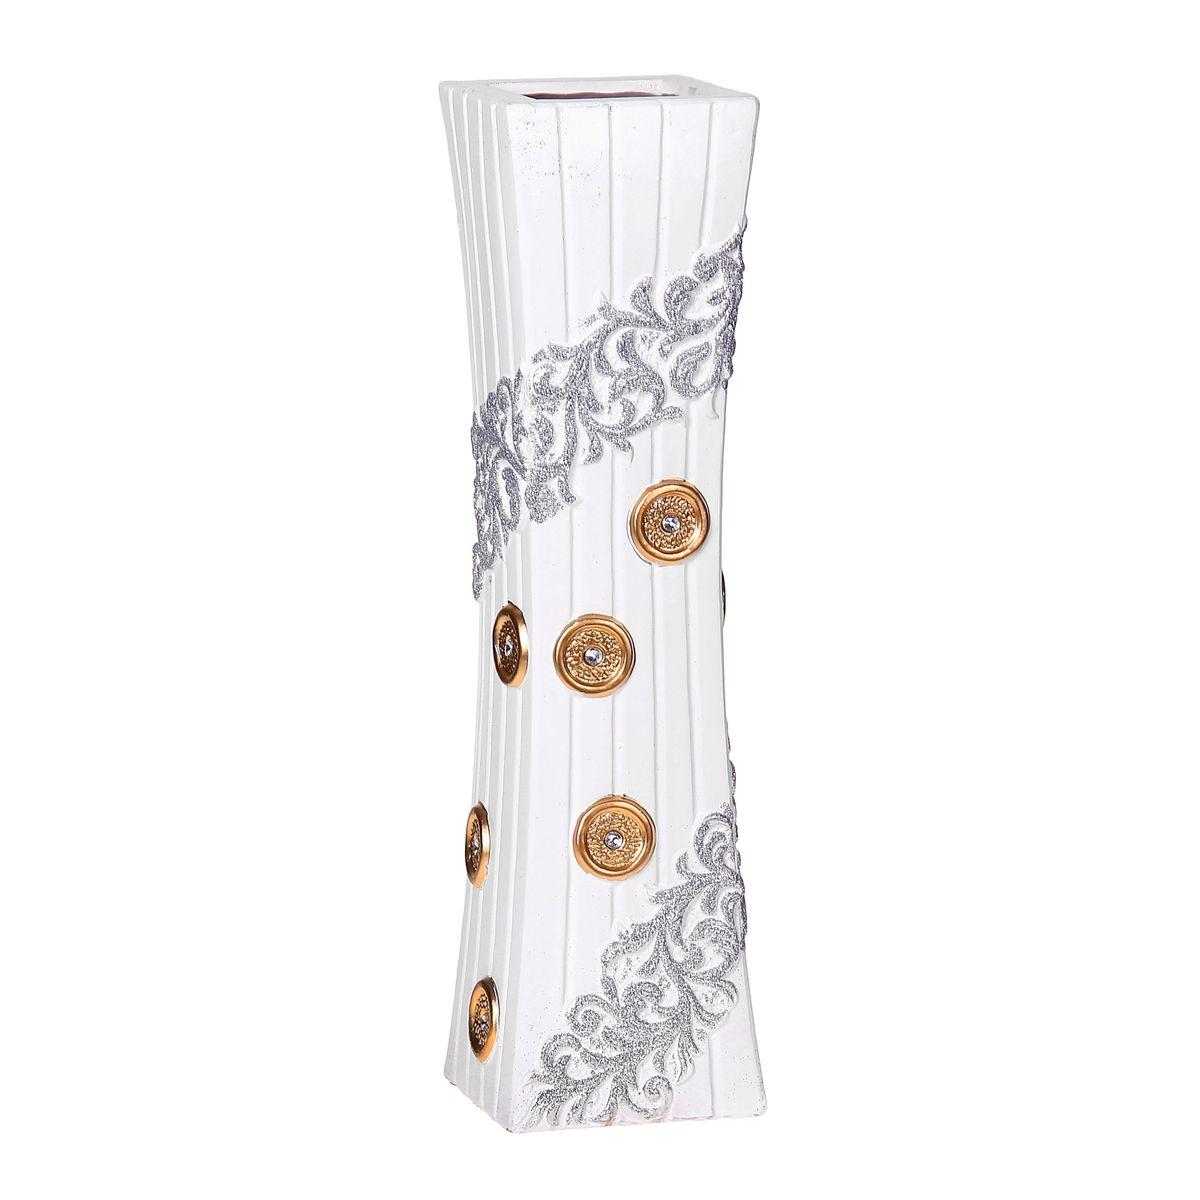 Ваза напольная Sima-land Пуговица, высота 60 смFS-91909Напольная ваза Sima-land Пуговица, выполненная из керамики, станет изысканным украшением интерьера. Она предназначена как для живых, так и для искусственных цветов. Изделие декорировано блестками и стразами. Интересная форма и необычное оформление сделают эту вазу замечательным украшением интерьера. Любое помещение выглядит незавершенным без правильно расположенных предметов интерьера. Они помогают создать уют, расставить акценты, подчеркнуть достоинства или скрыть недостатки.